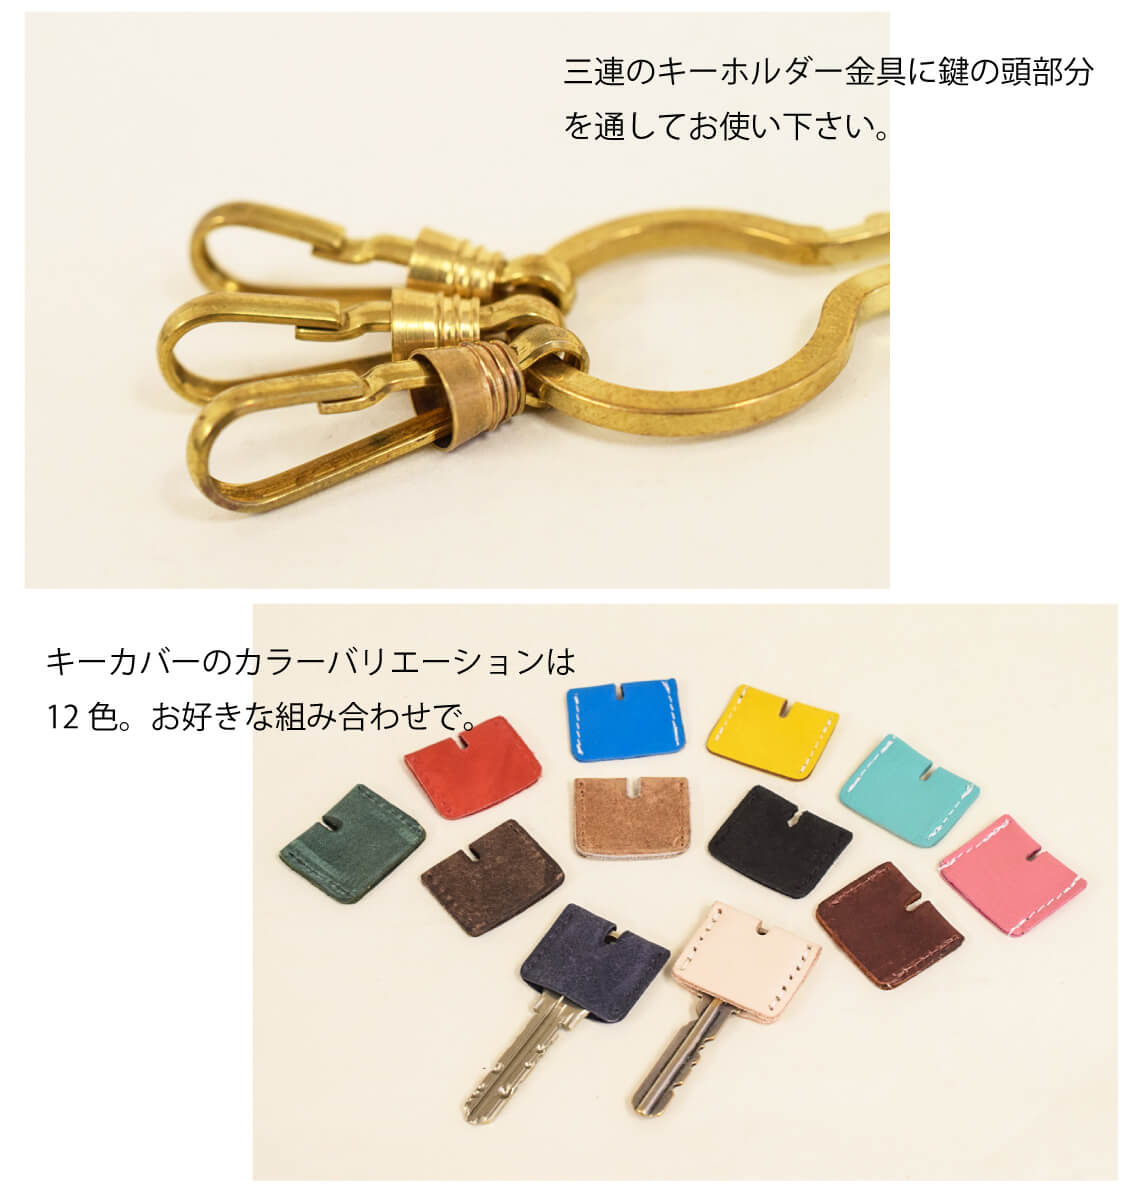 真鍮カギ型キーホルダー キーカバー 3連 キーリング 鍵型